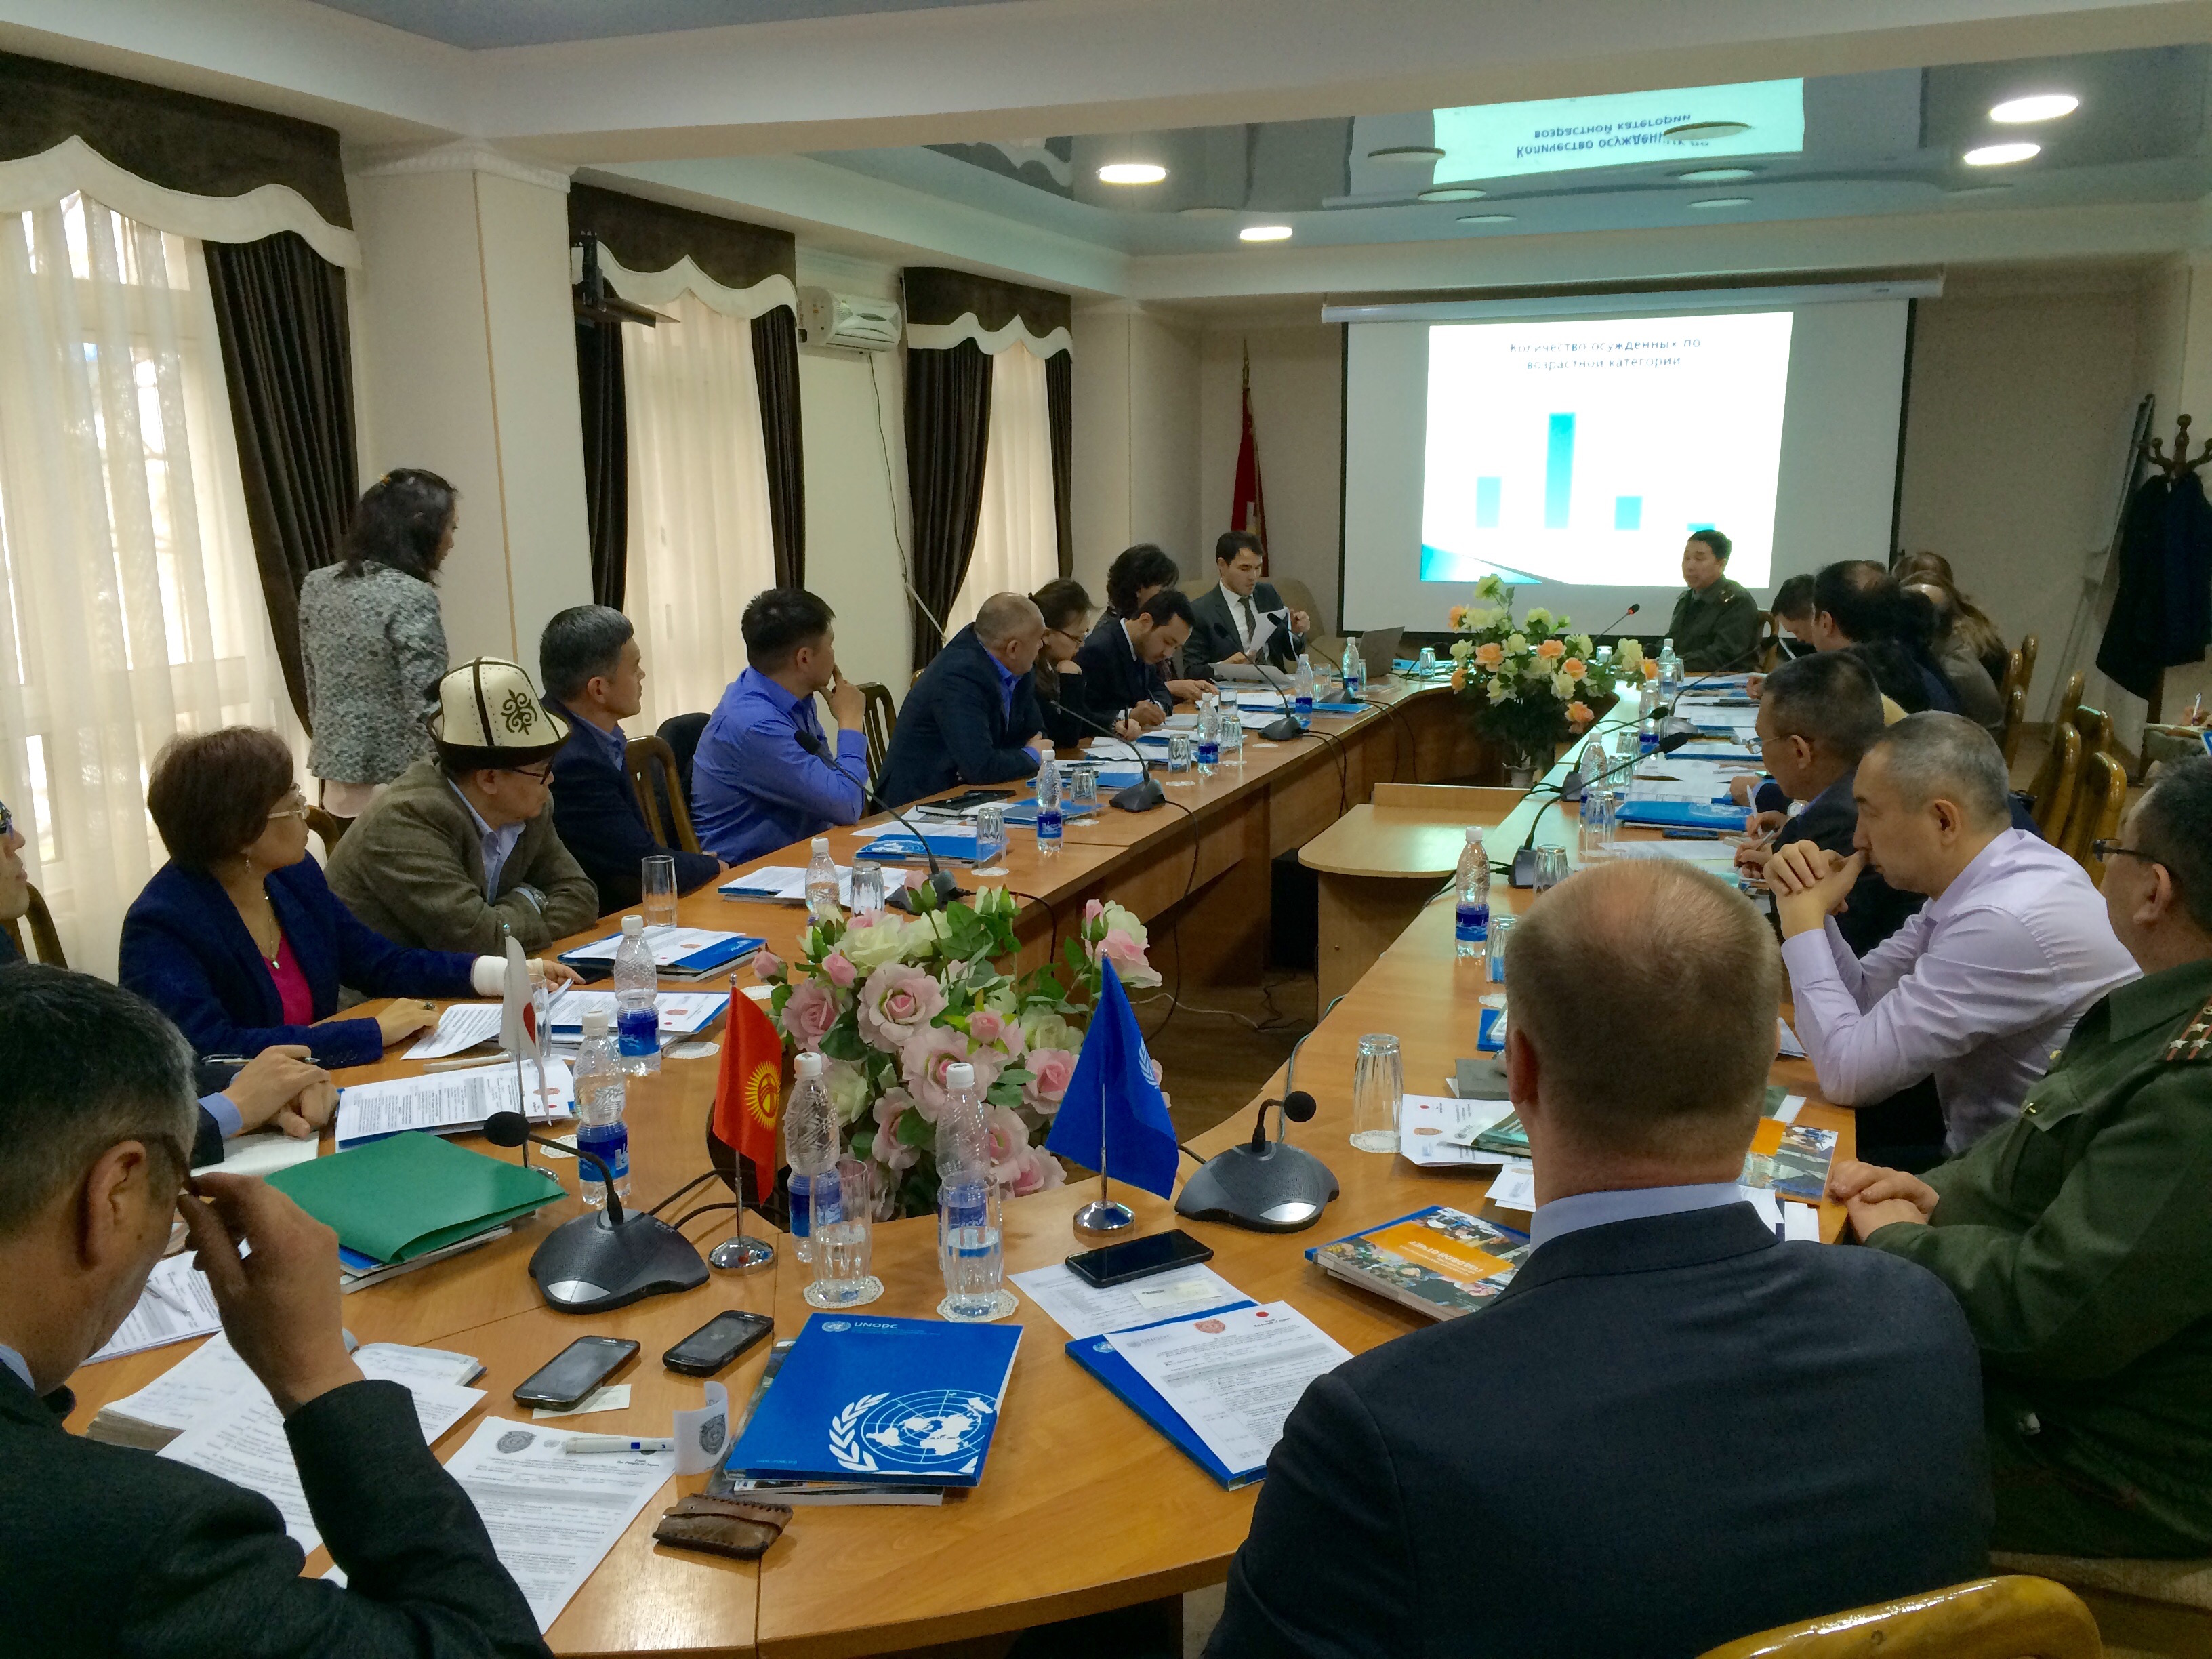 Представители ООН и Японии 11 апреля в Бишкеке участвуют в работе круглого стола по улучшению работы уголовно-исполнительной системы Кыргызстана с осужденными экстремистами и террористами. [Аскер Султанов]